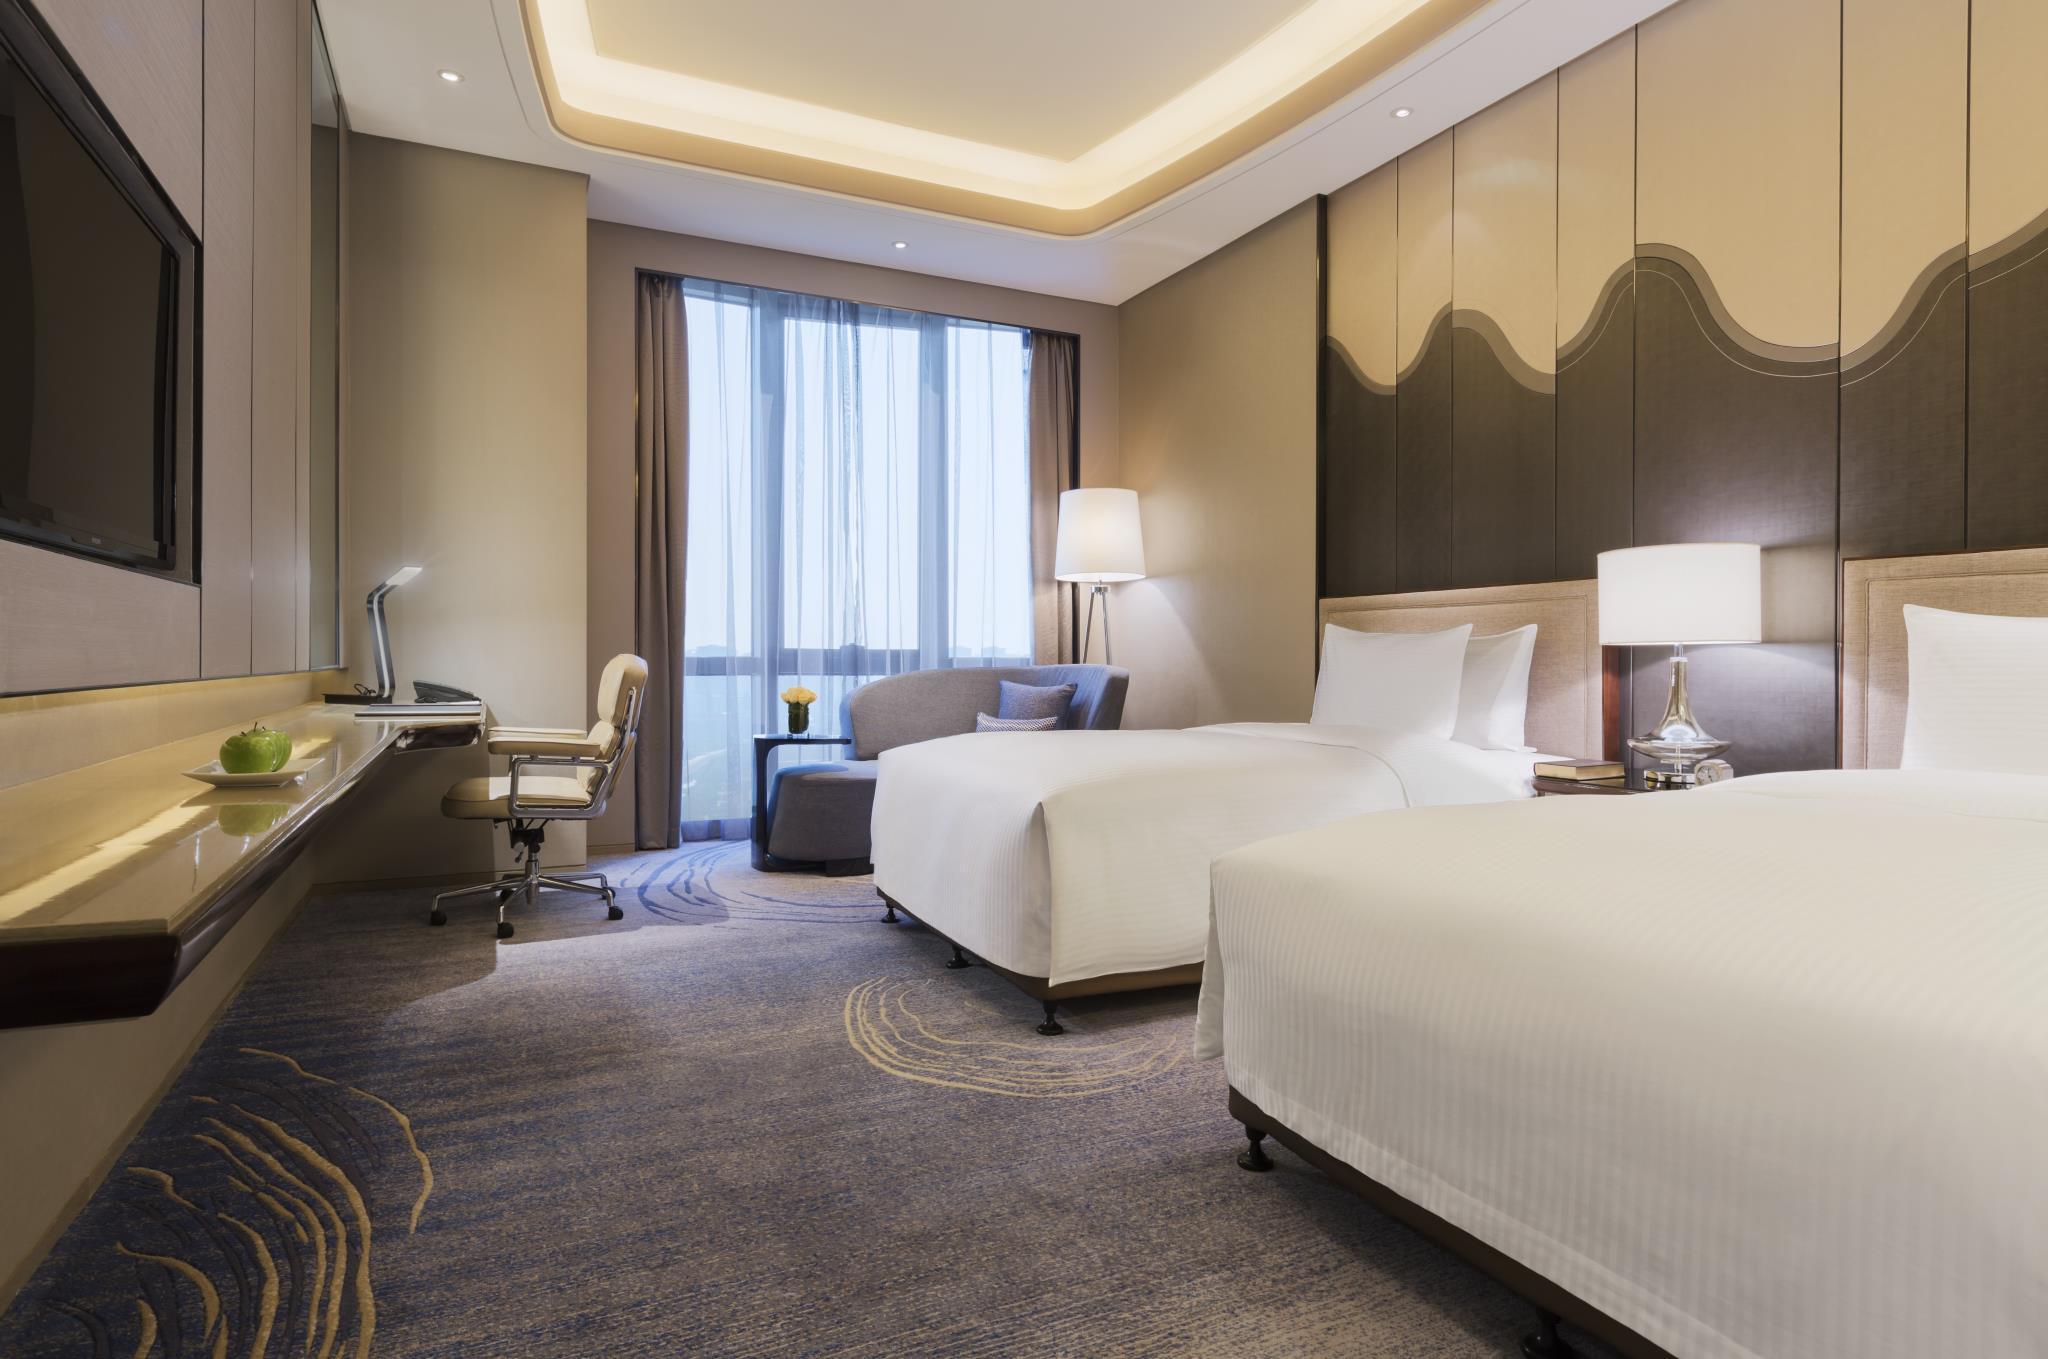 Wanda Realm Changzhou Hotel In China